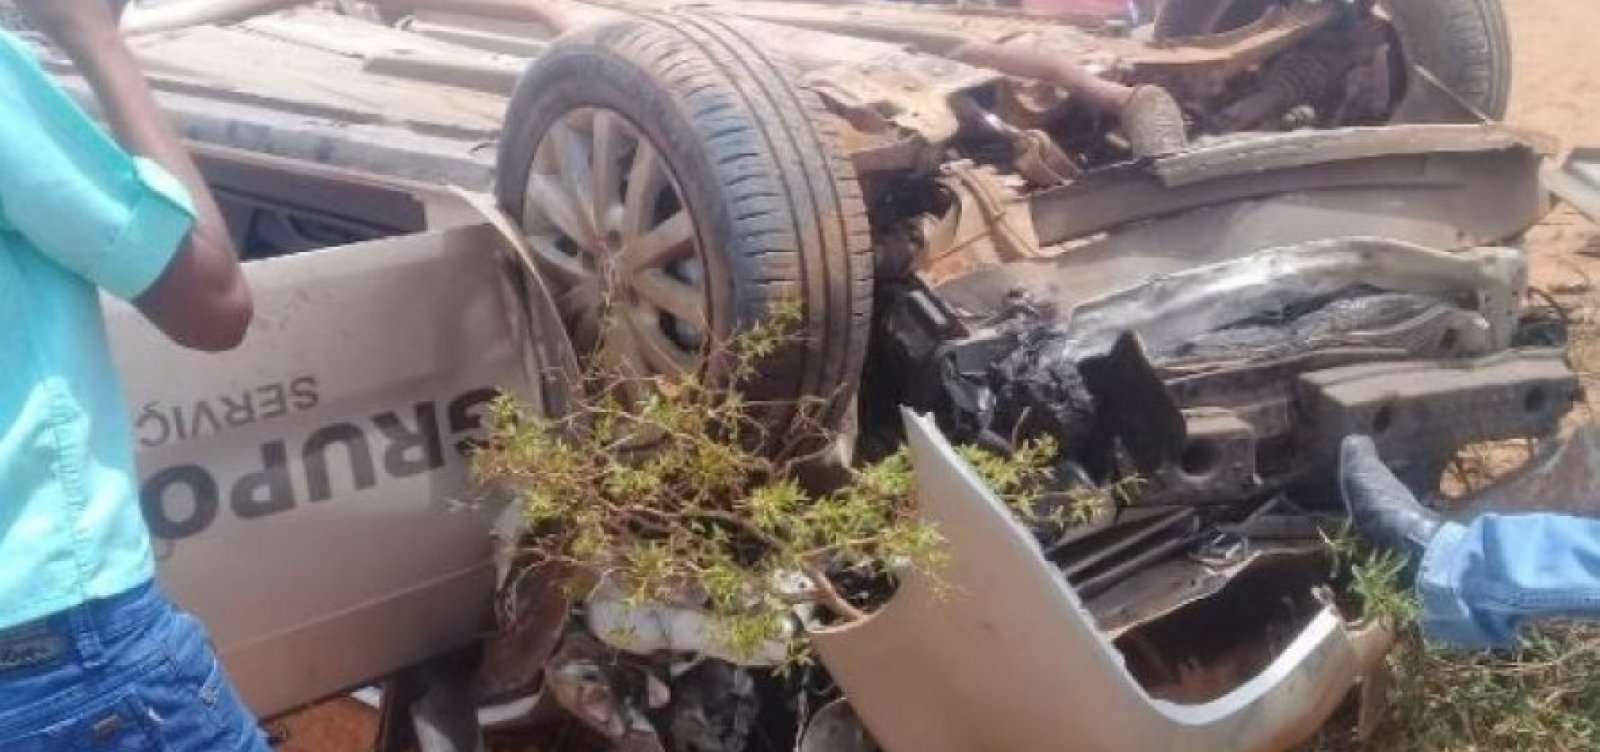 [Motorista funerário surta e provoca acidente após fugir de cemitério com corpo no caixão]